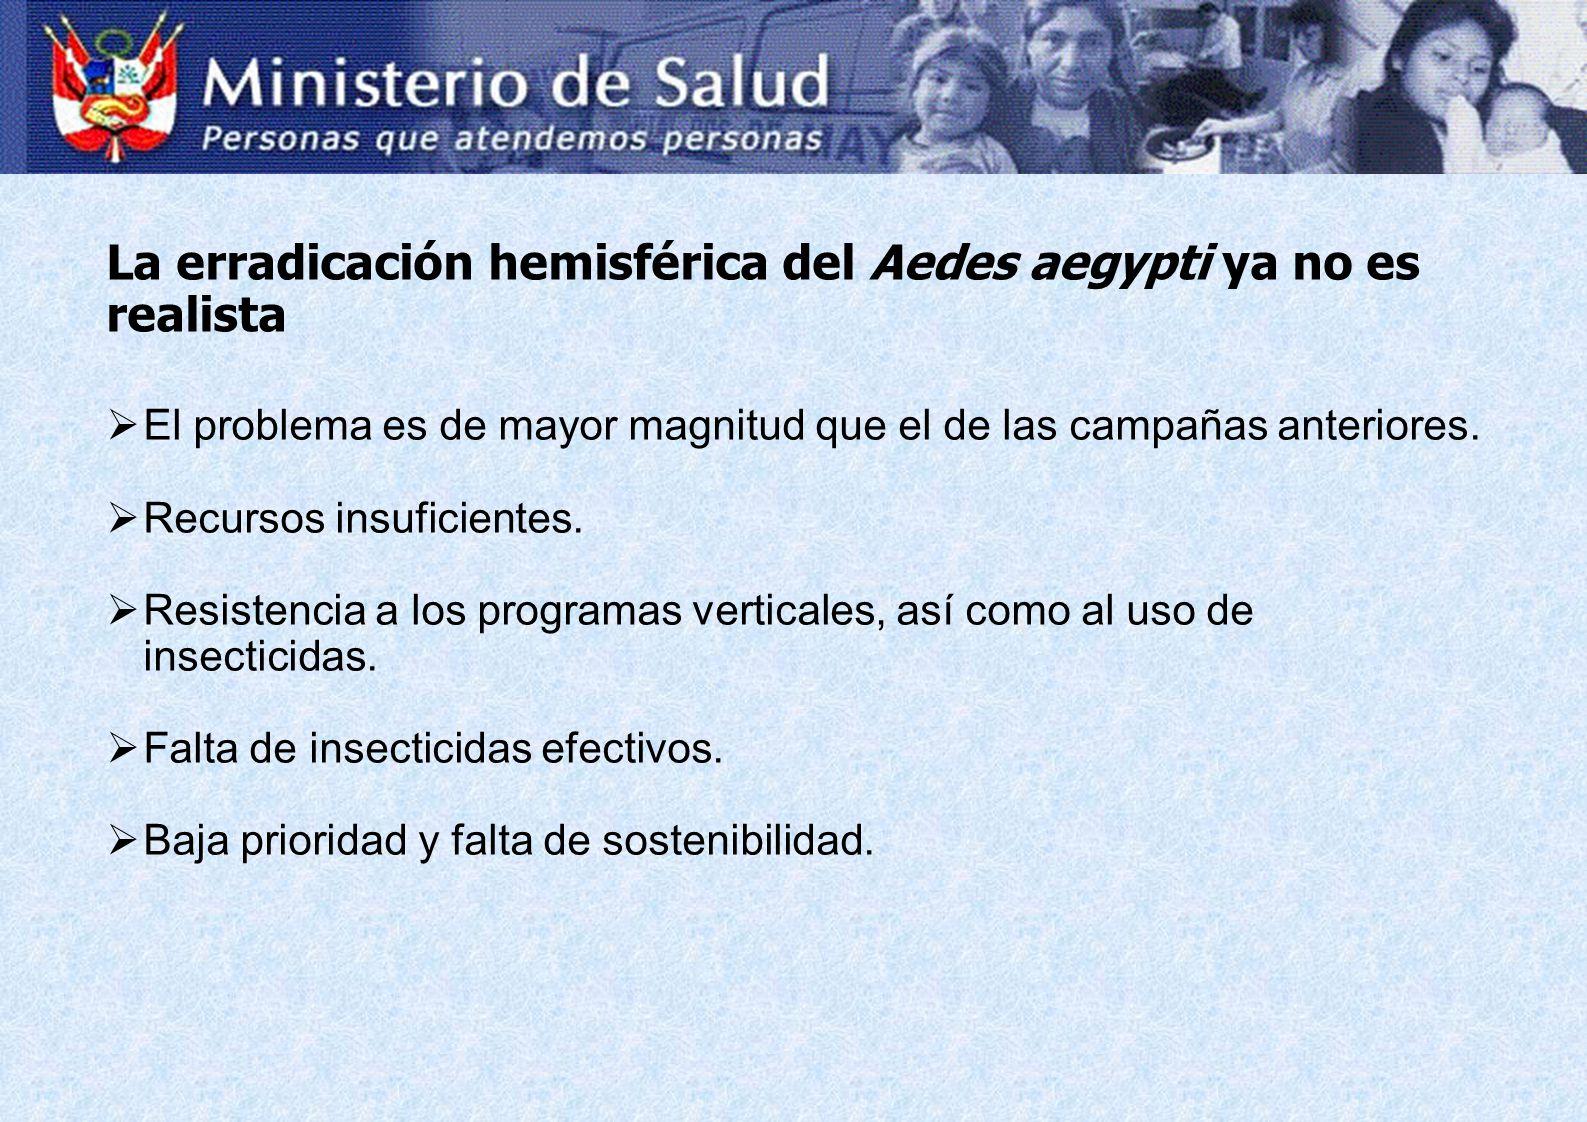 La erradicación hemisférica del Aedes aegypti ya no es realista